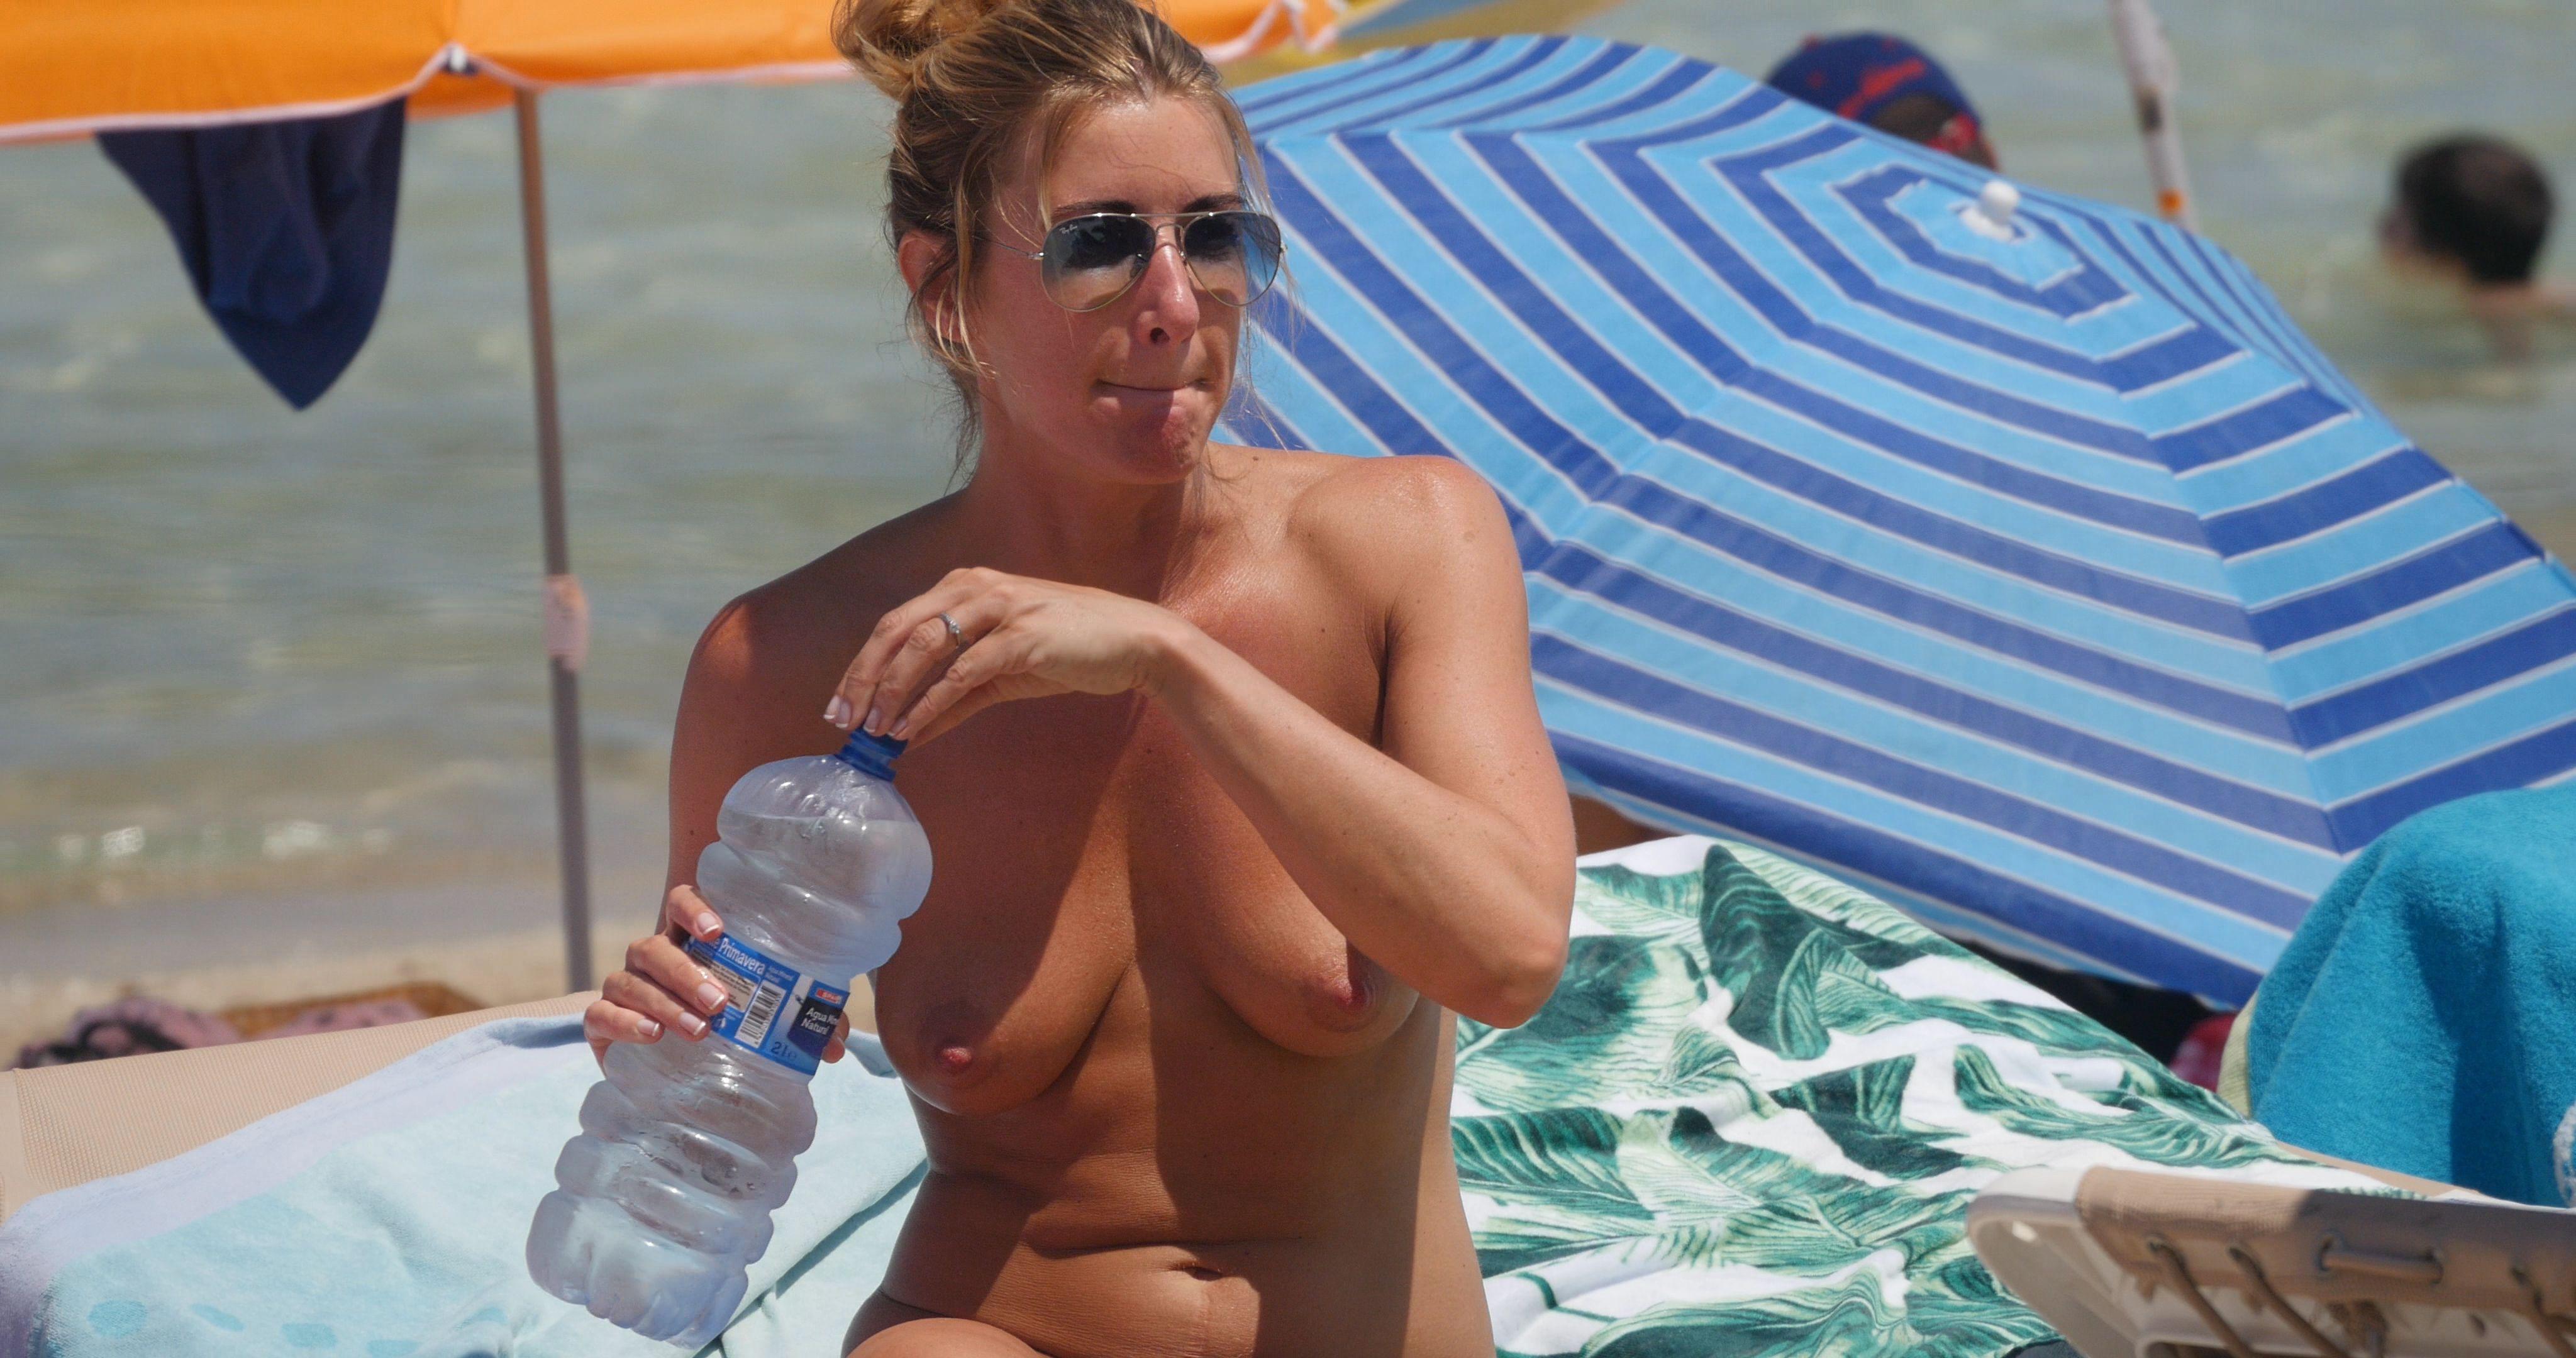 Jennifer aniston topless on beach